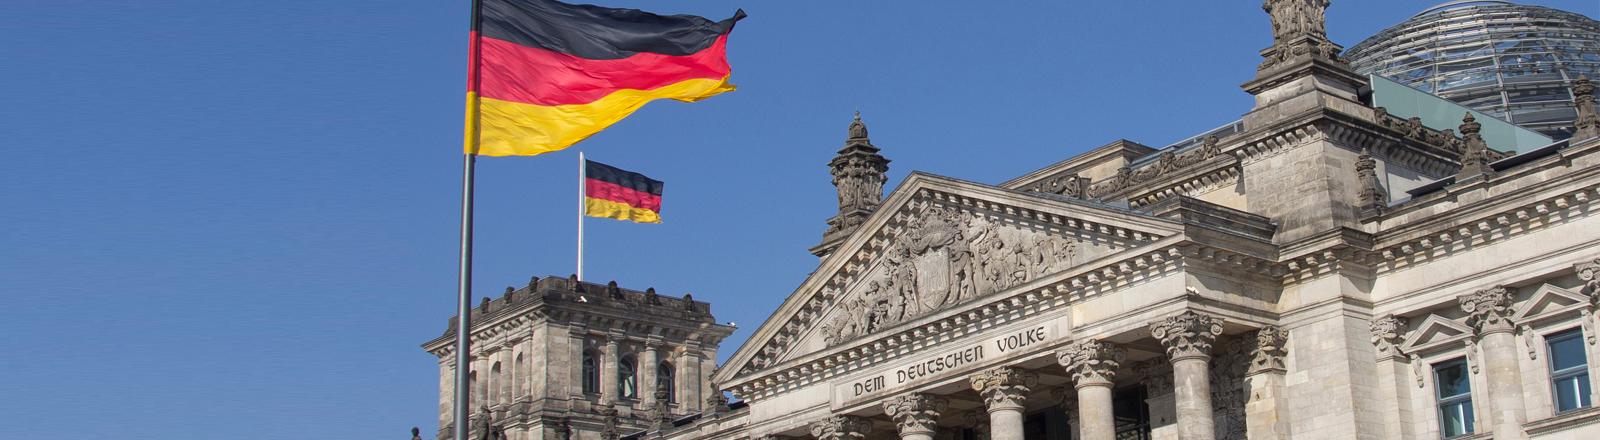 Der Reichstag vor blauem Himmel.